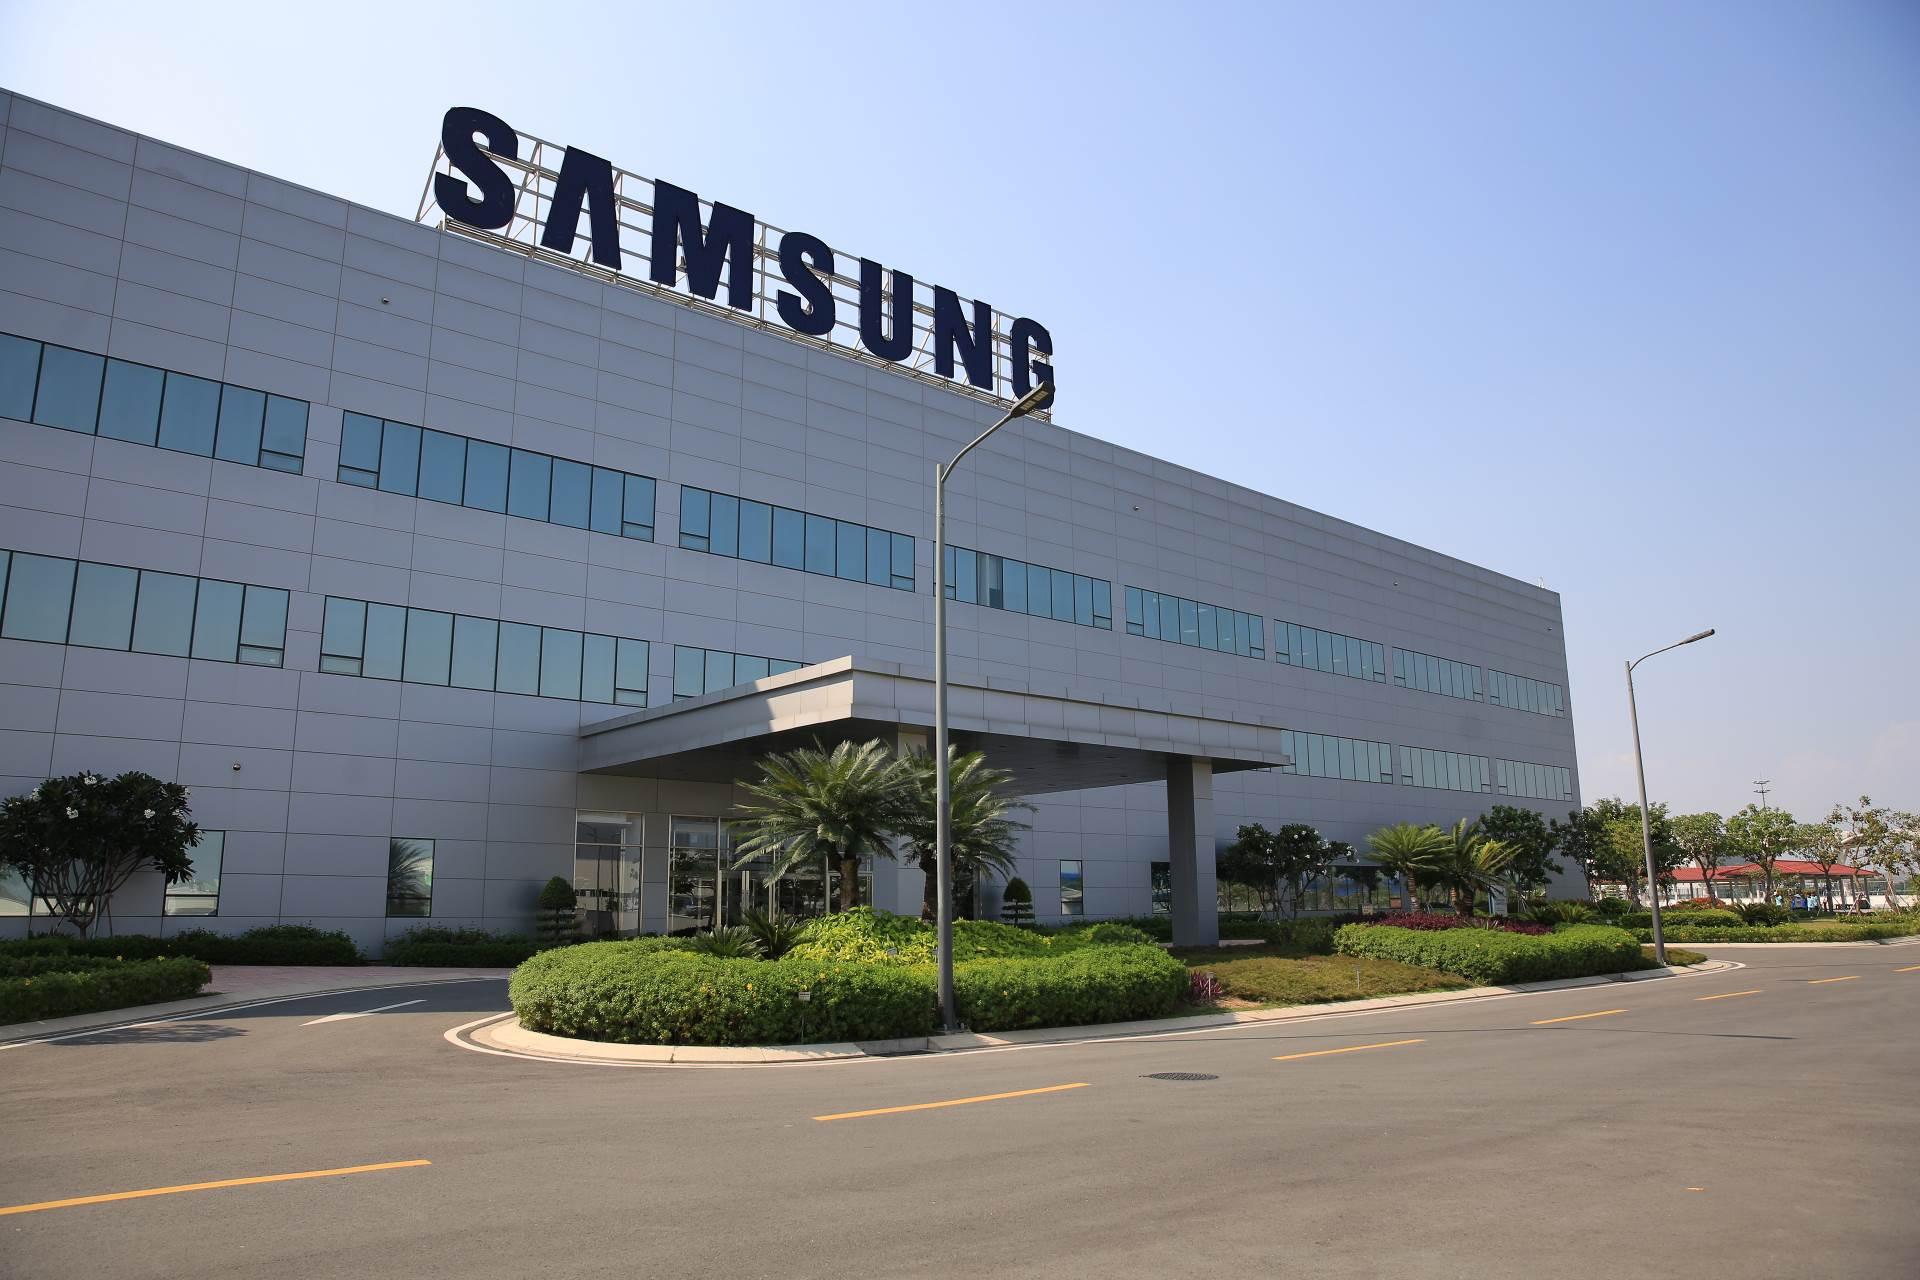 Điện thoại Samsung là của nước nào sản xuất?